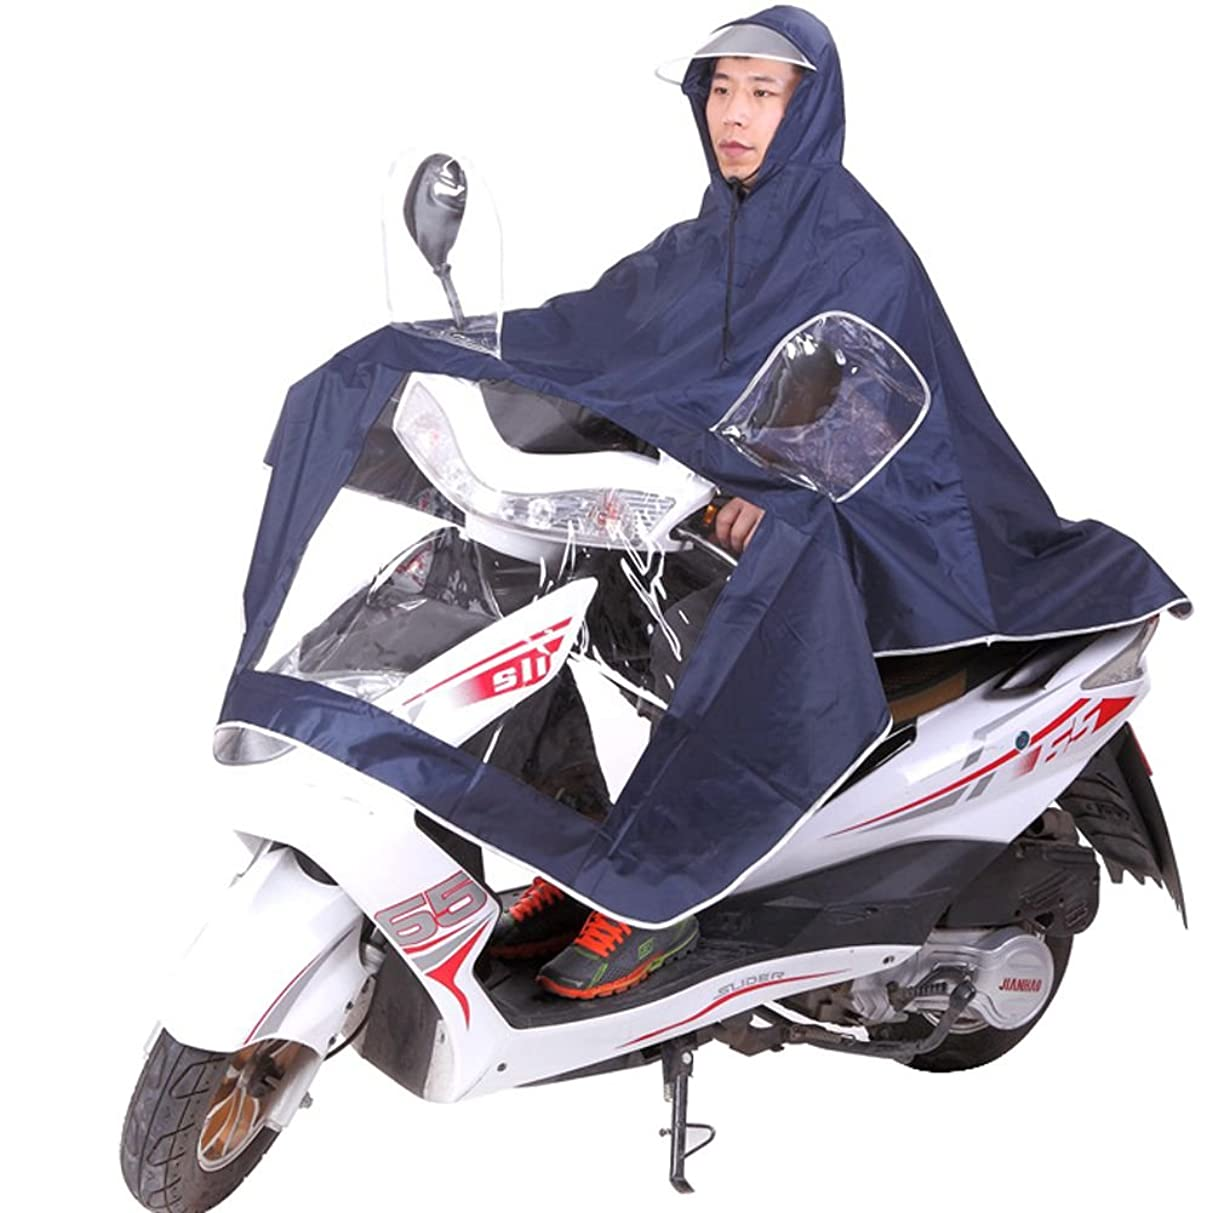 推論奨励パラメータNedVed (ネドベド) レインポンチョ 長袖付き 足元ロング丈 バイク 原付 スクーター 自転車 メンズ レディース フリーサイズ レッド